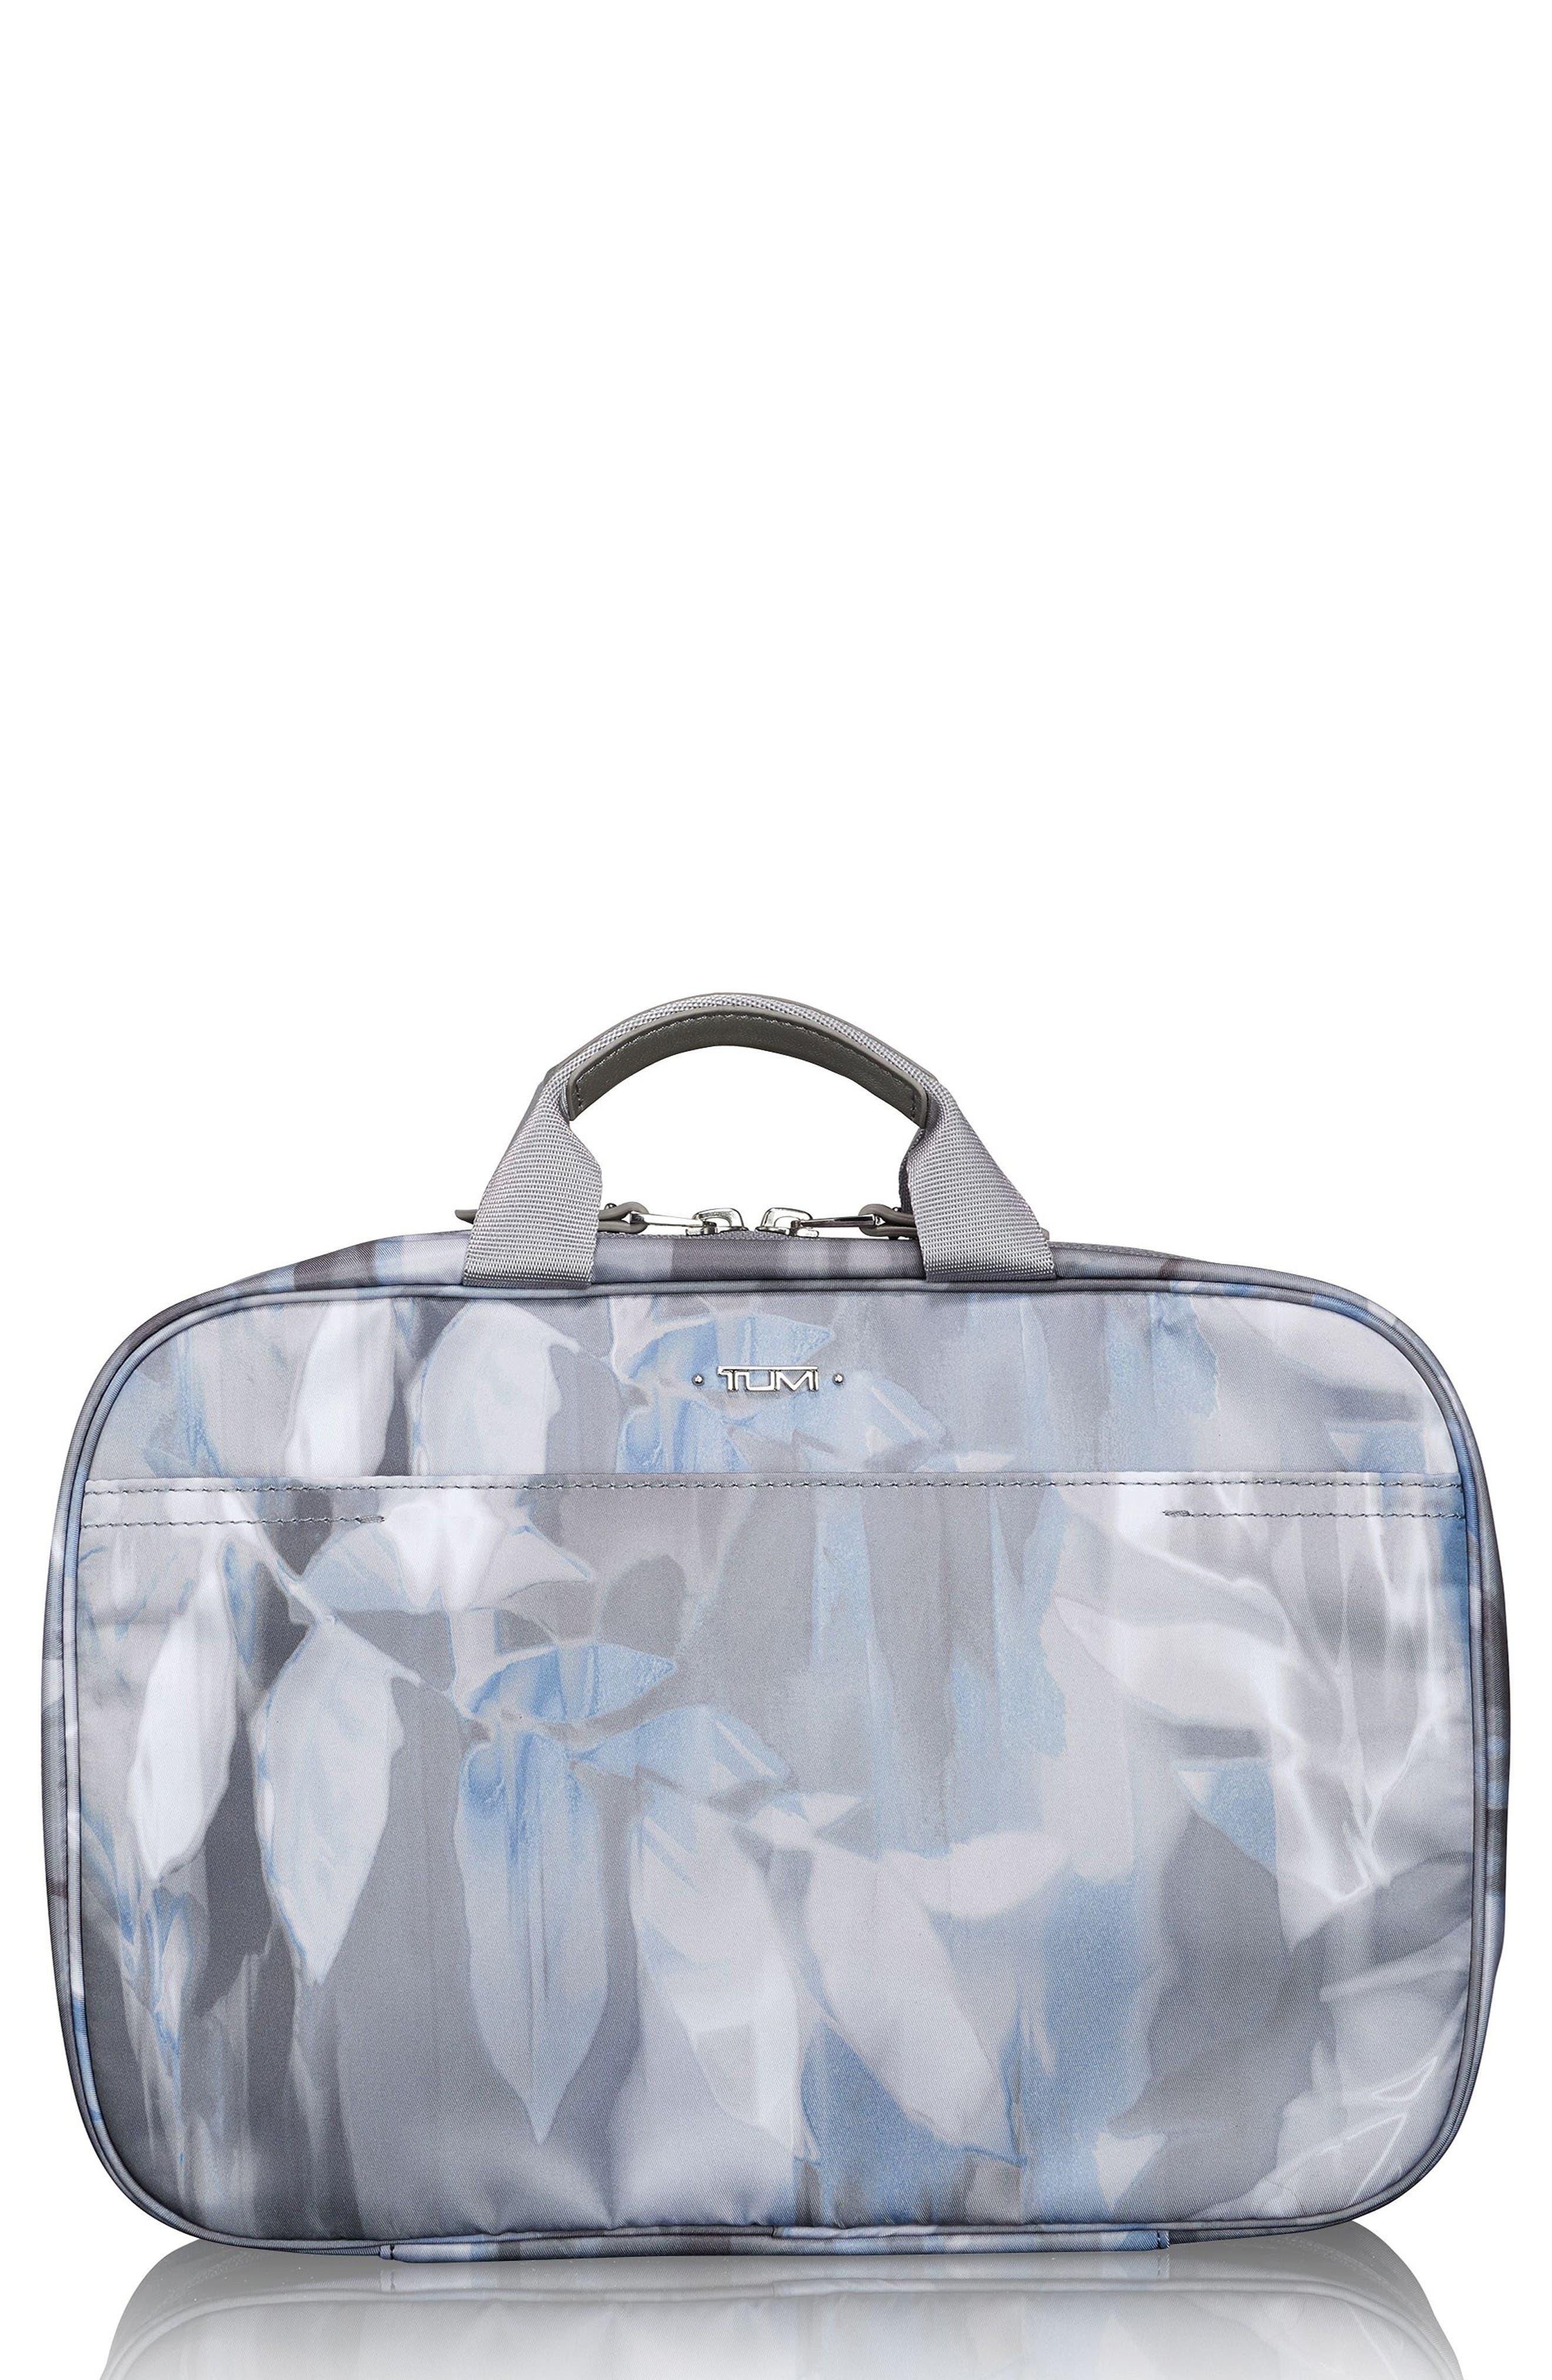 Main Image - Tumi Voyageur - Monaco Hanging Travel Kit